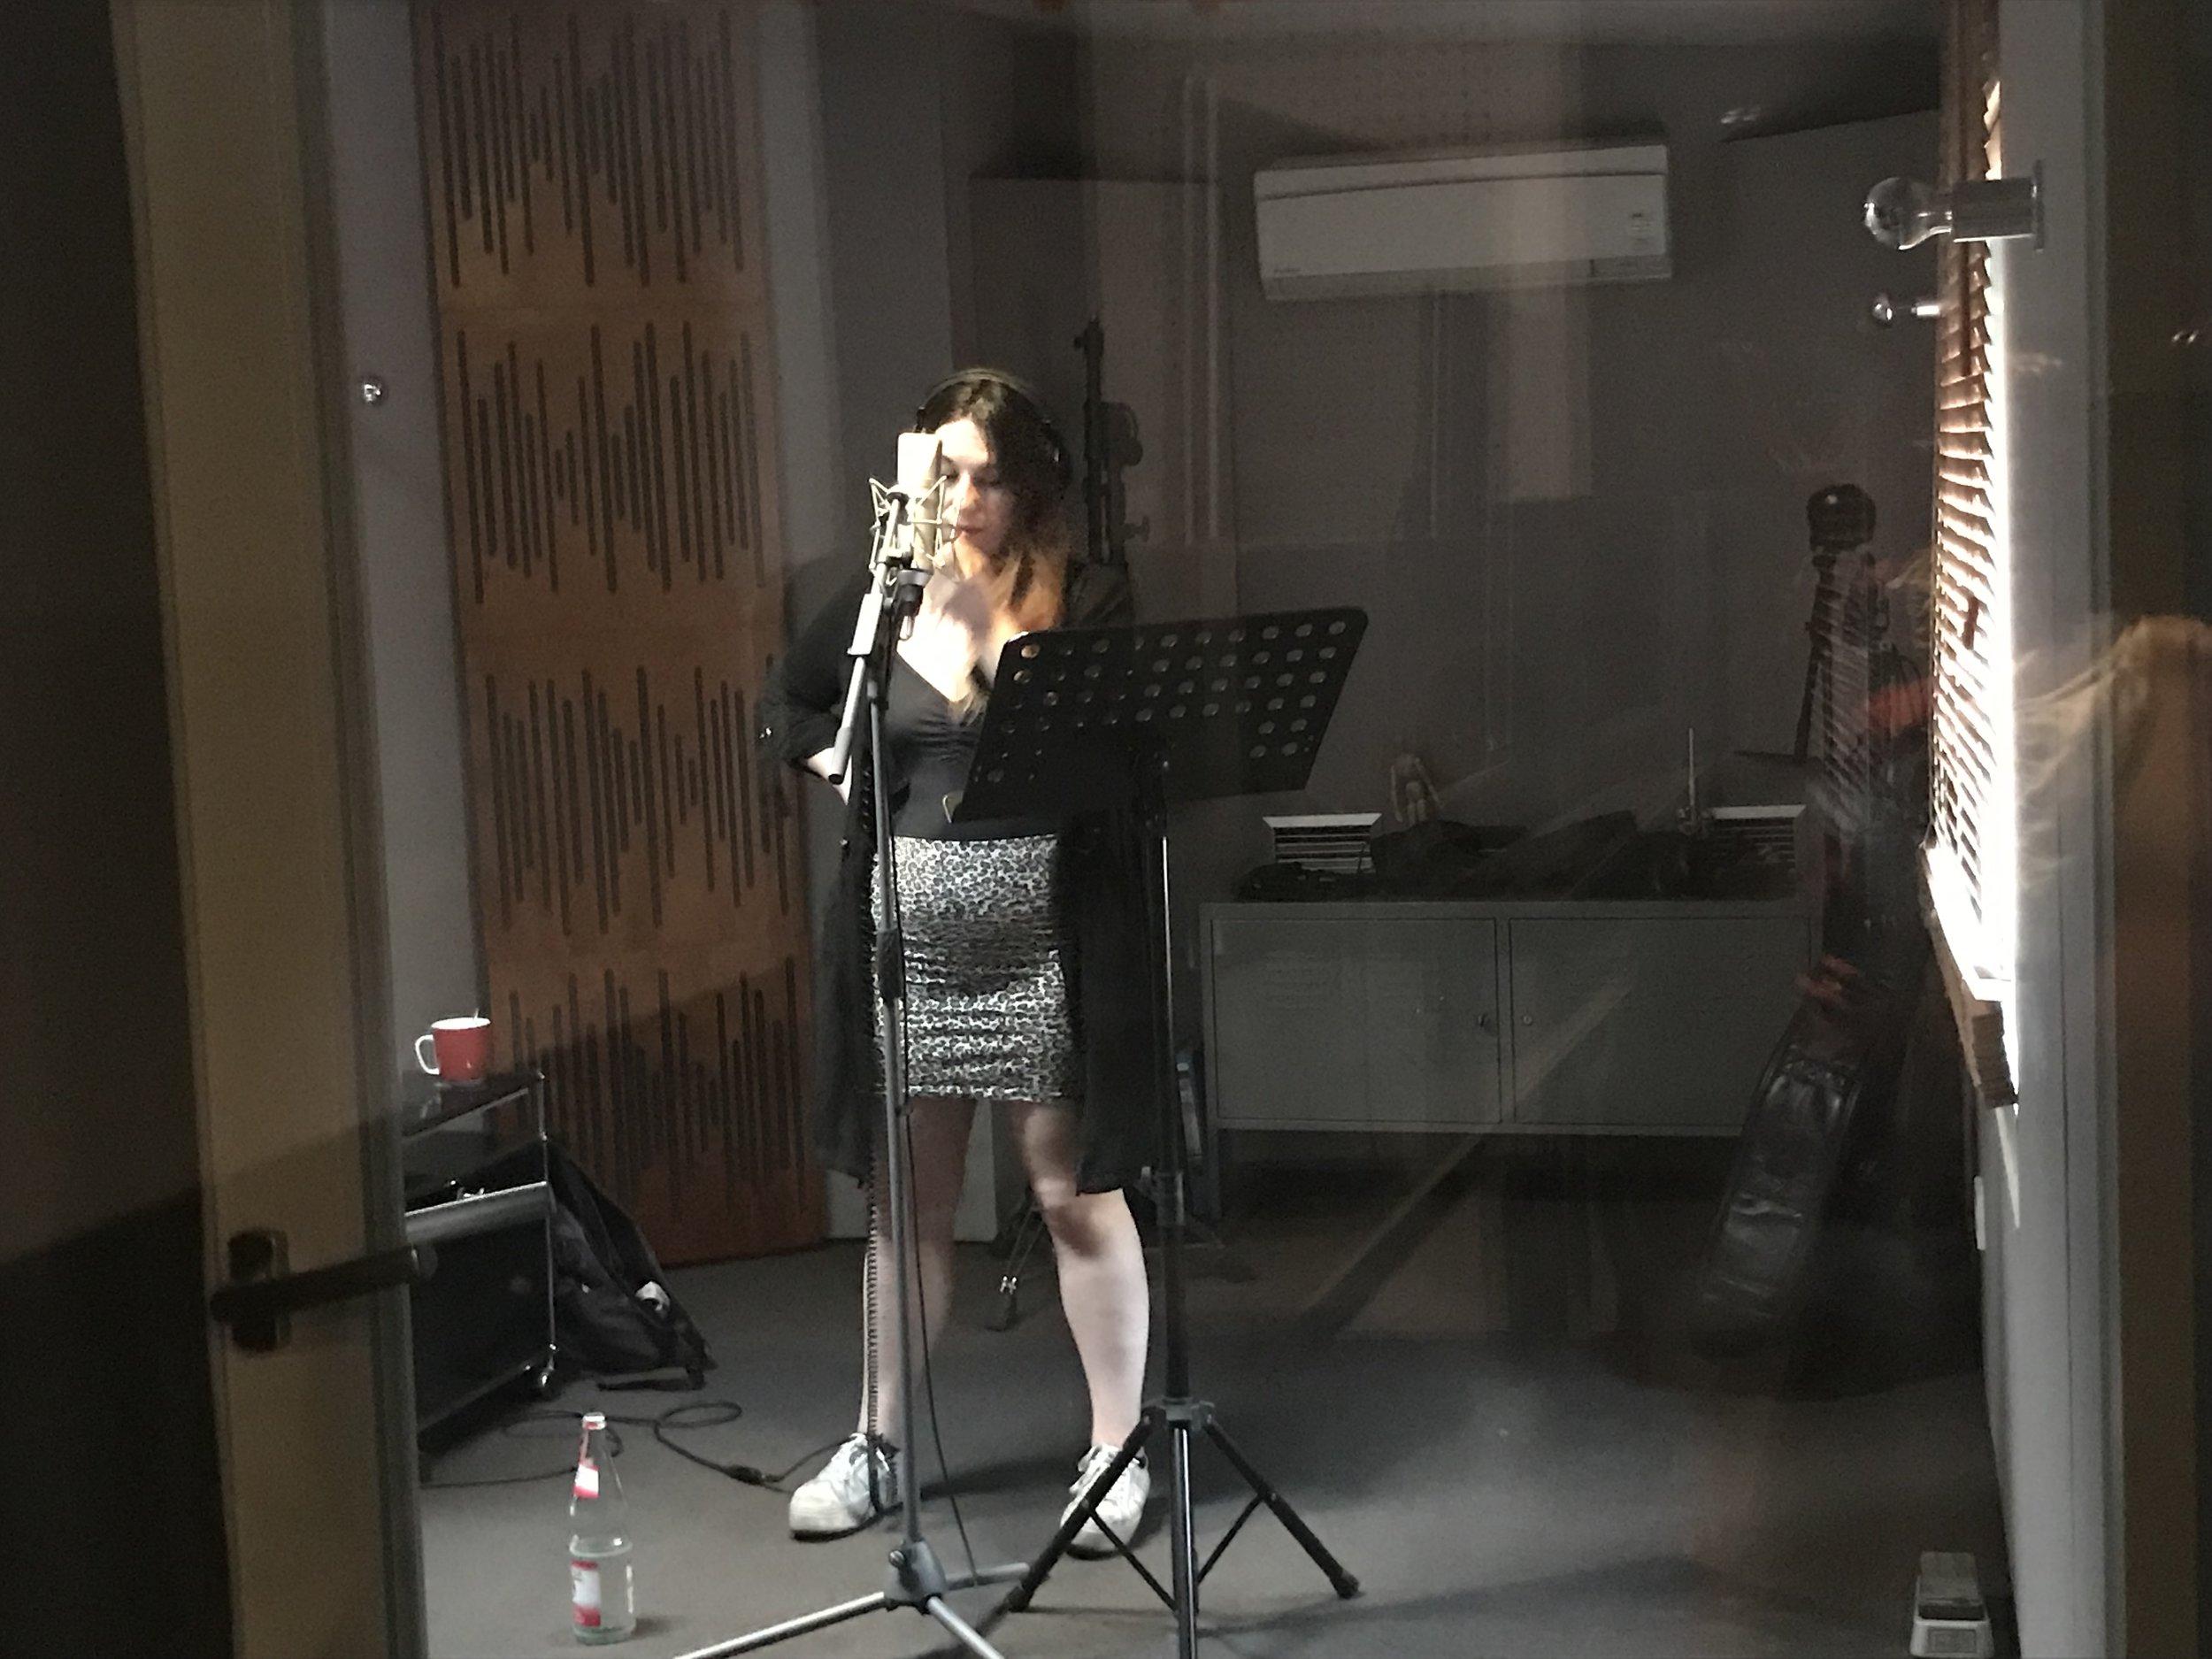 Laura Lloreta - Of RELATIIV recording guest vocals at Viktoria Studio